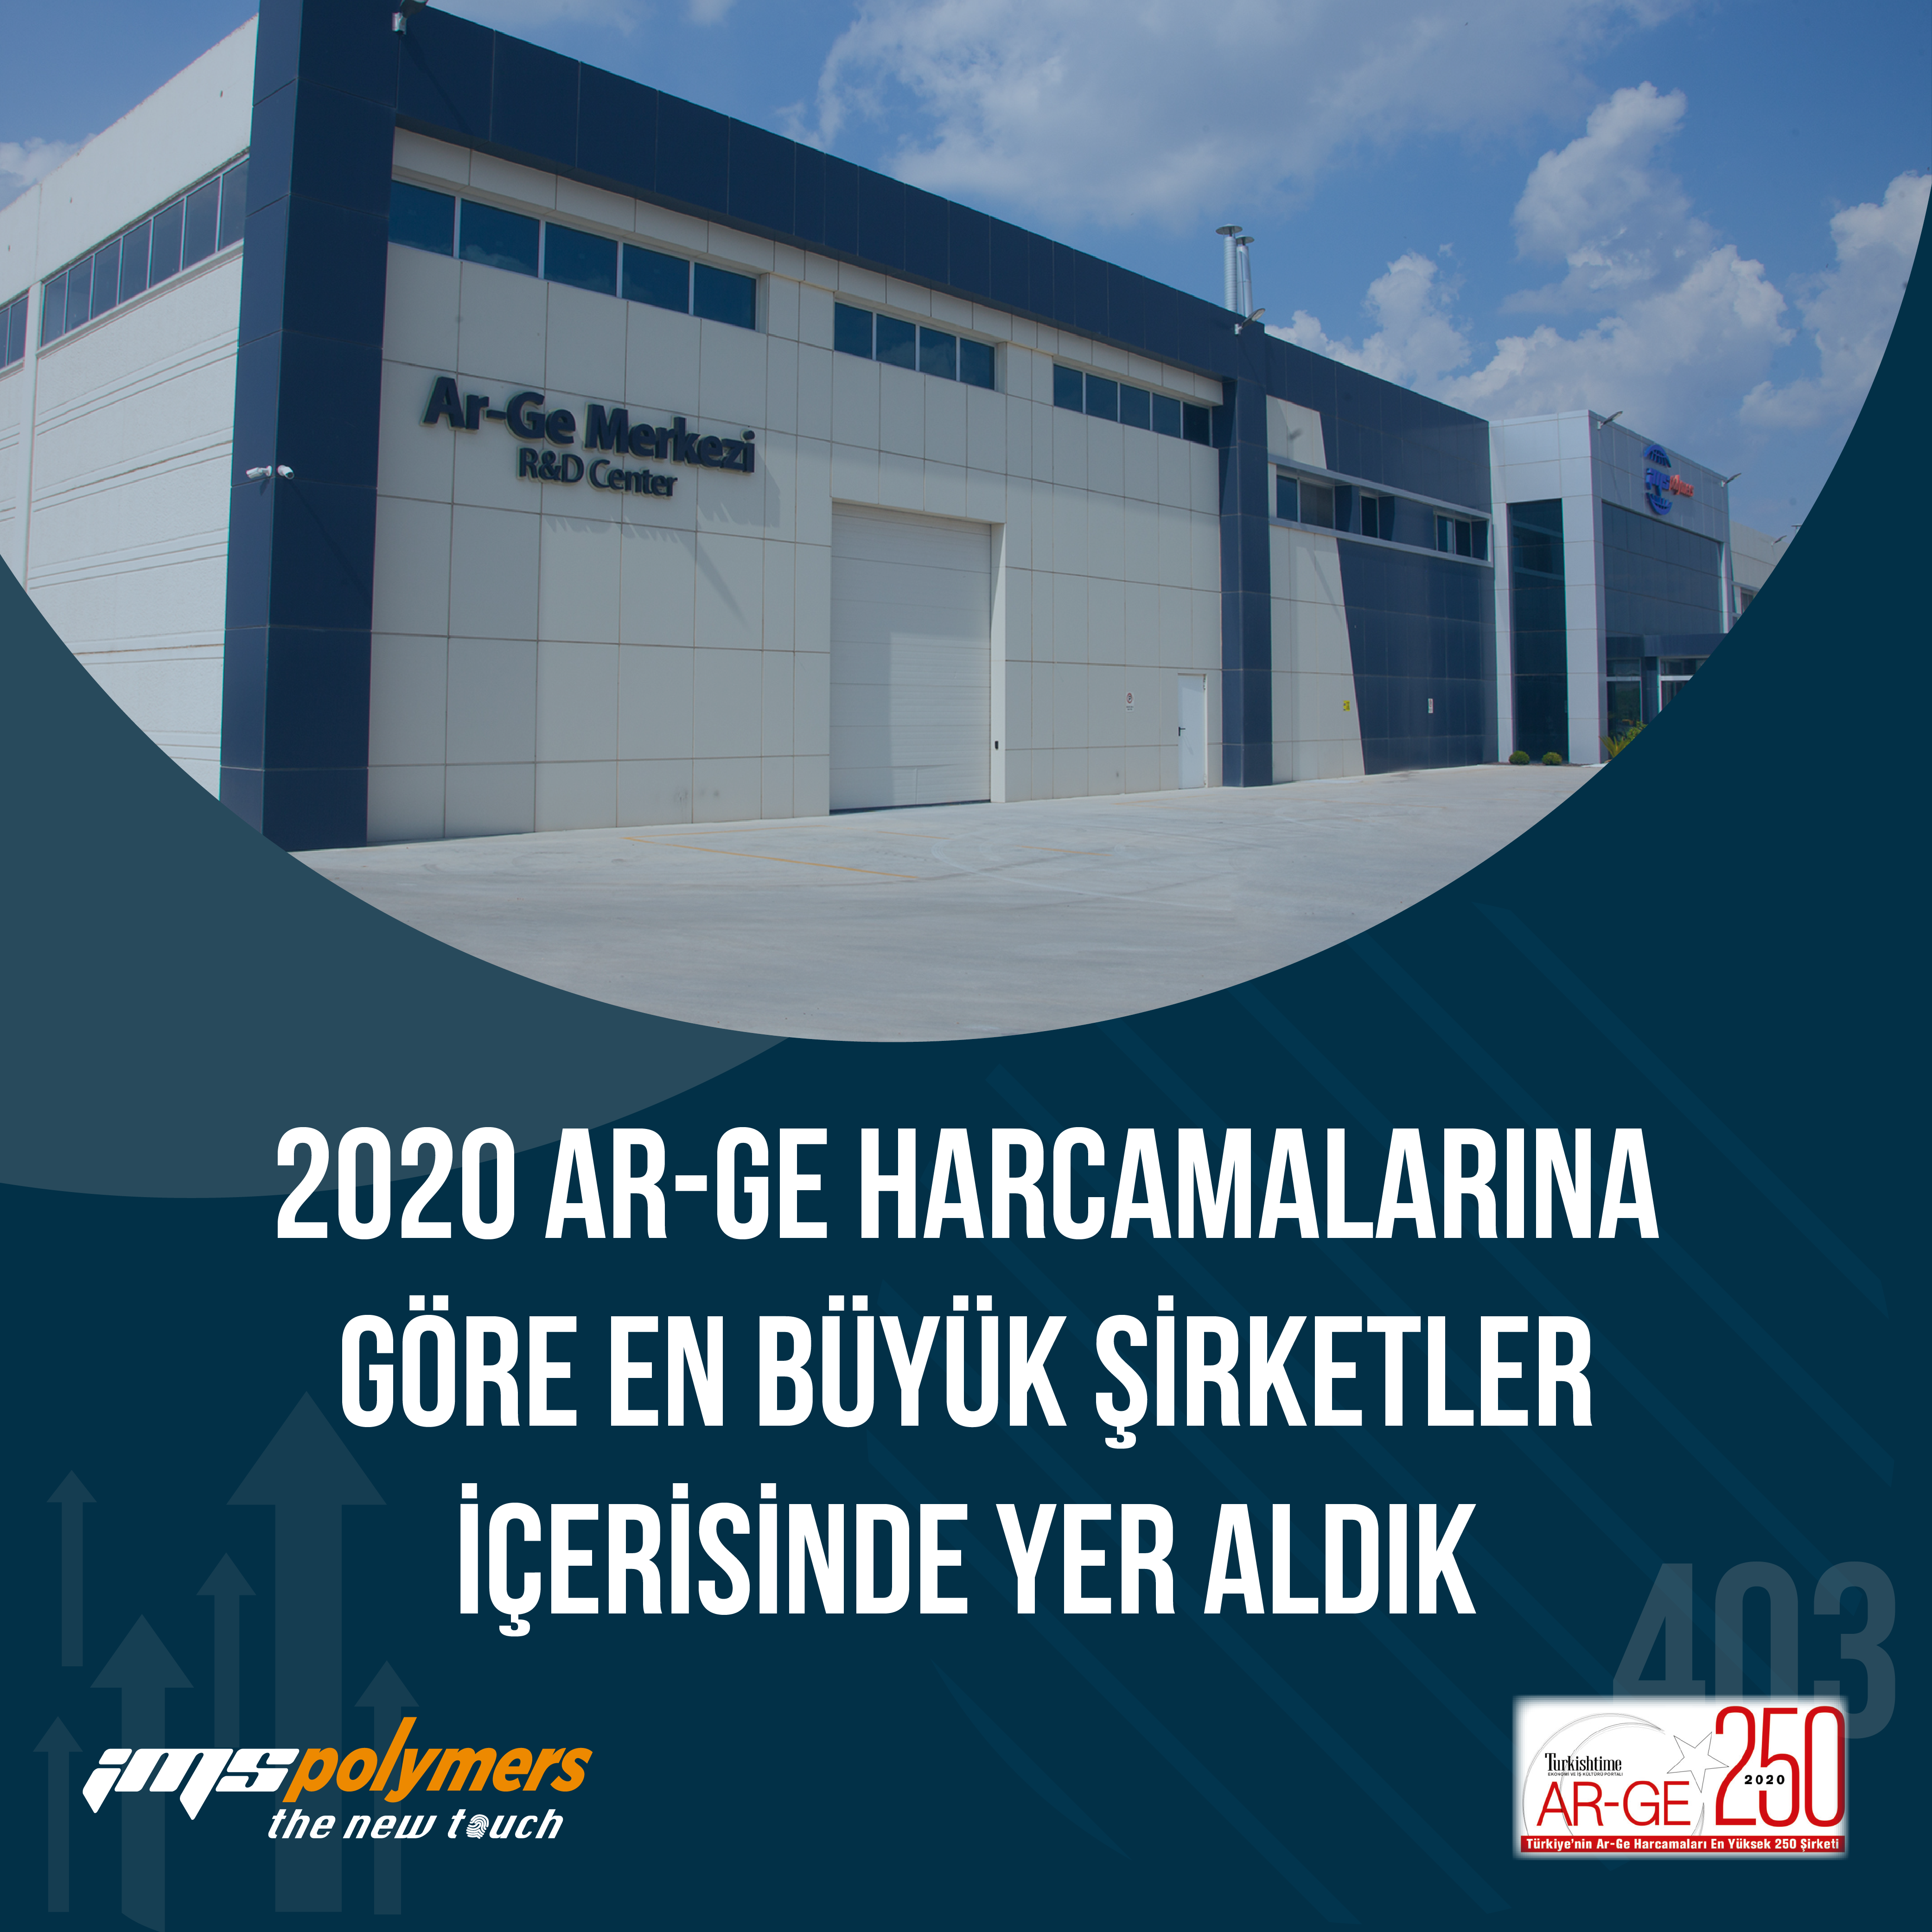 Türkiye'nin Ar-Ge Harcaması En Yüksek Şirketler Araştırması Sonuçları Belli Oldu